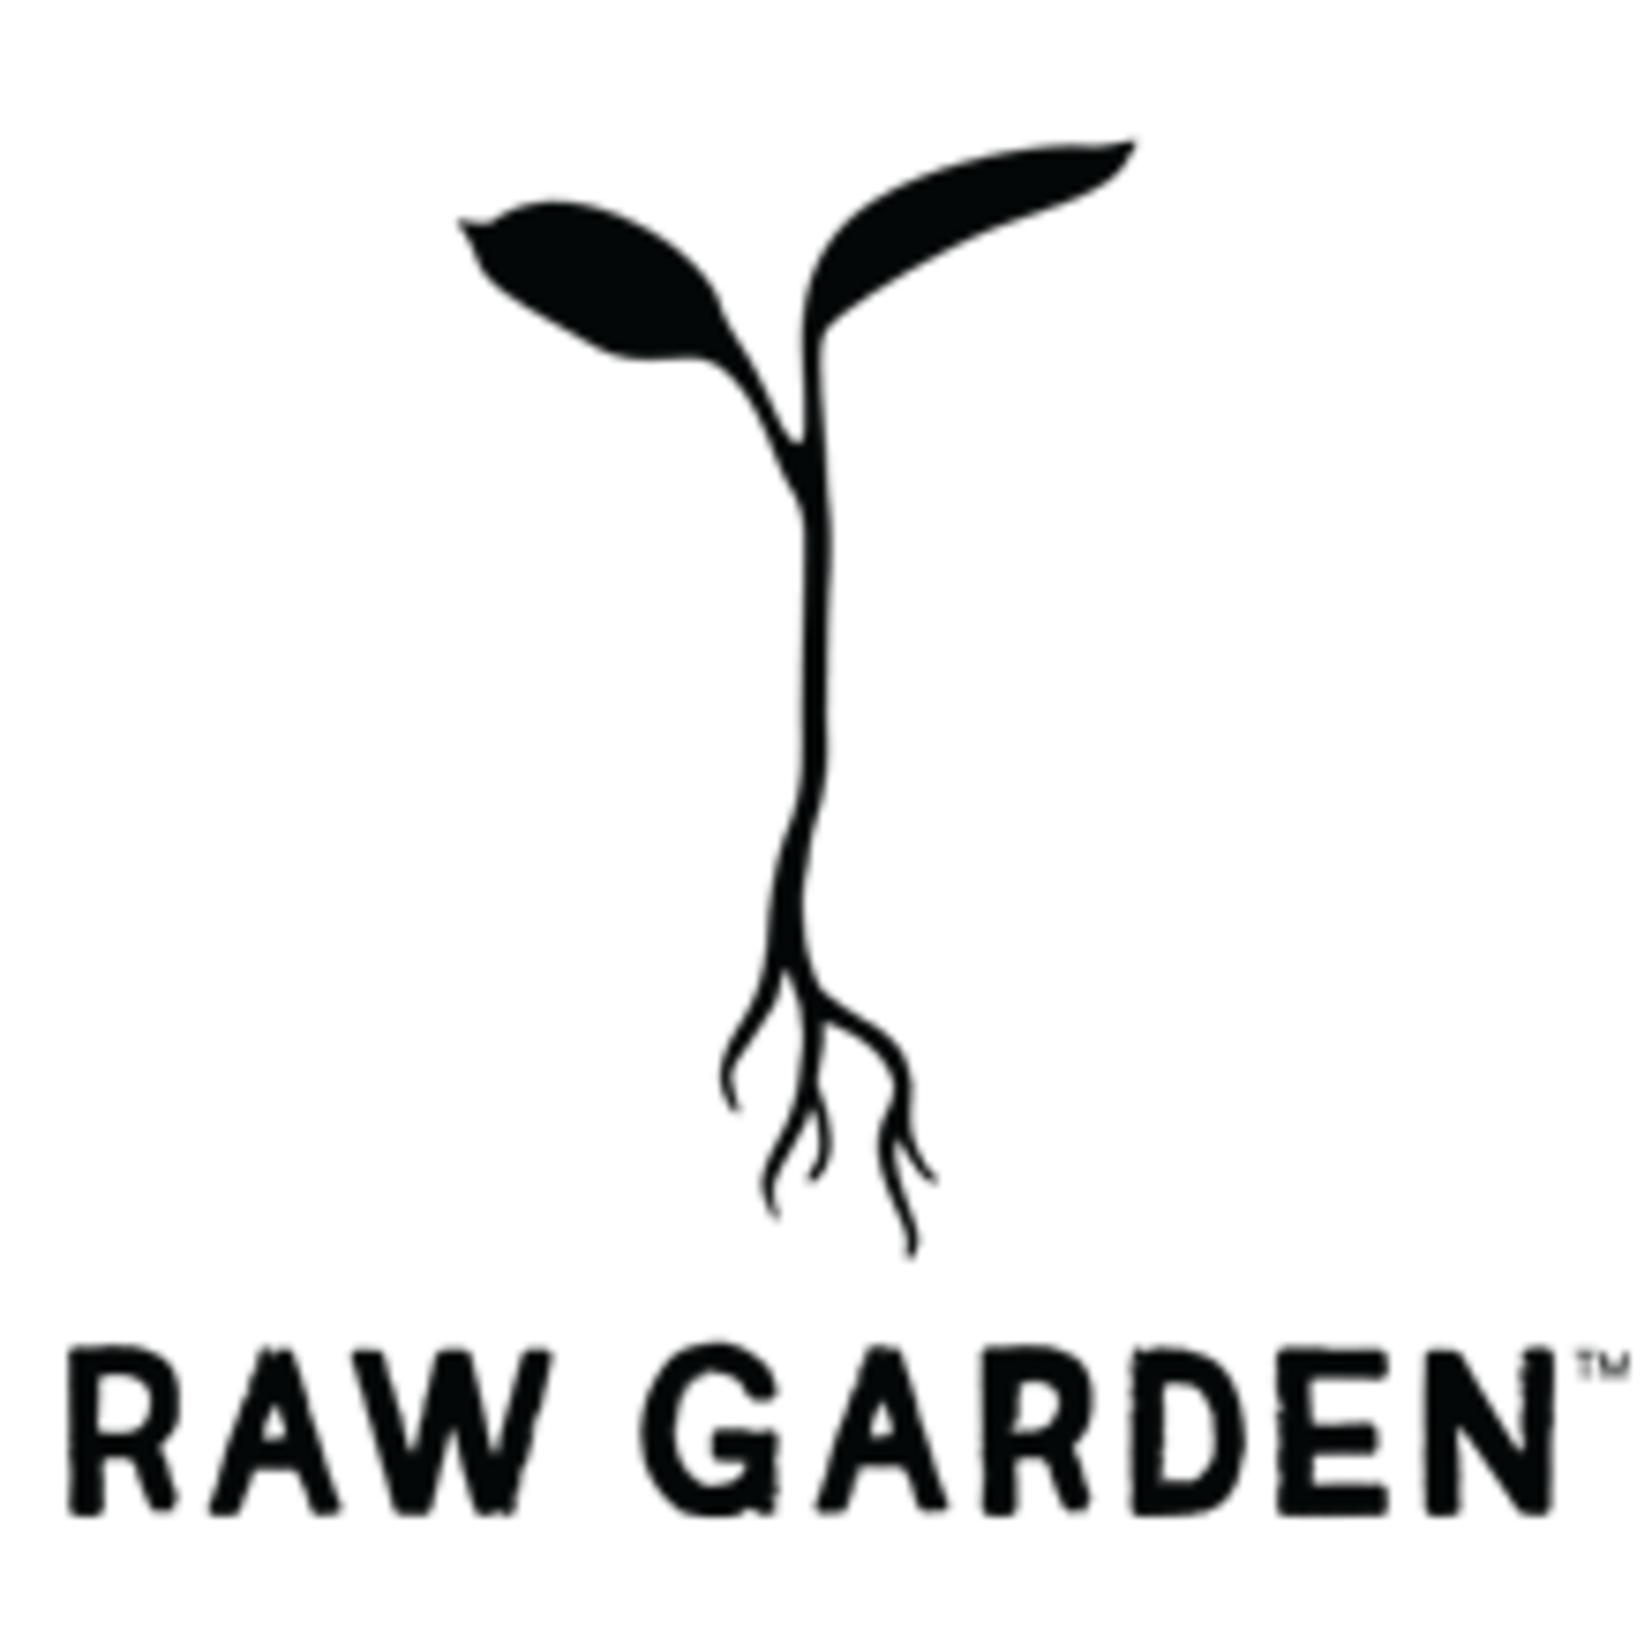 Raw Garden / Glueberry Slurm